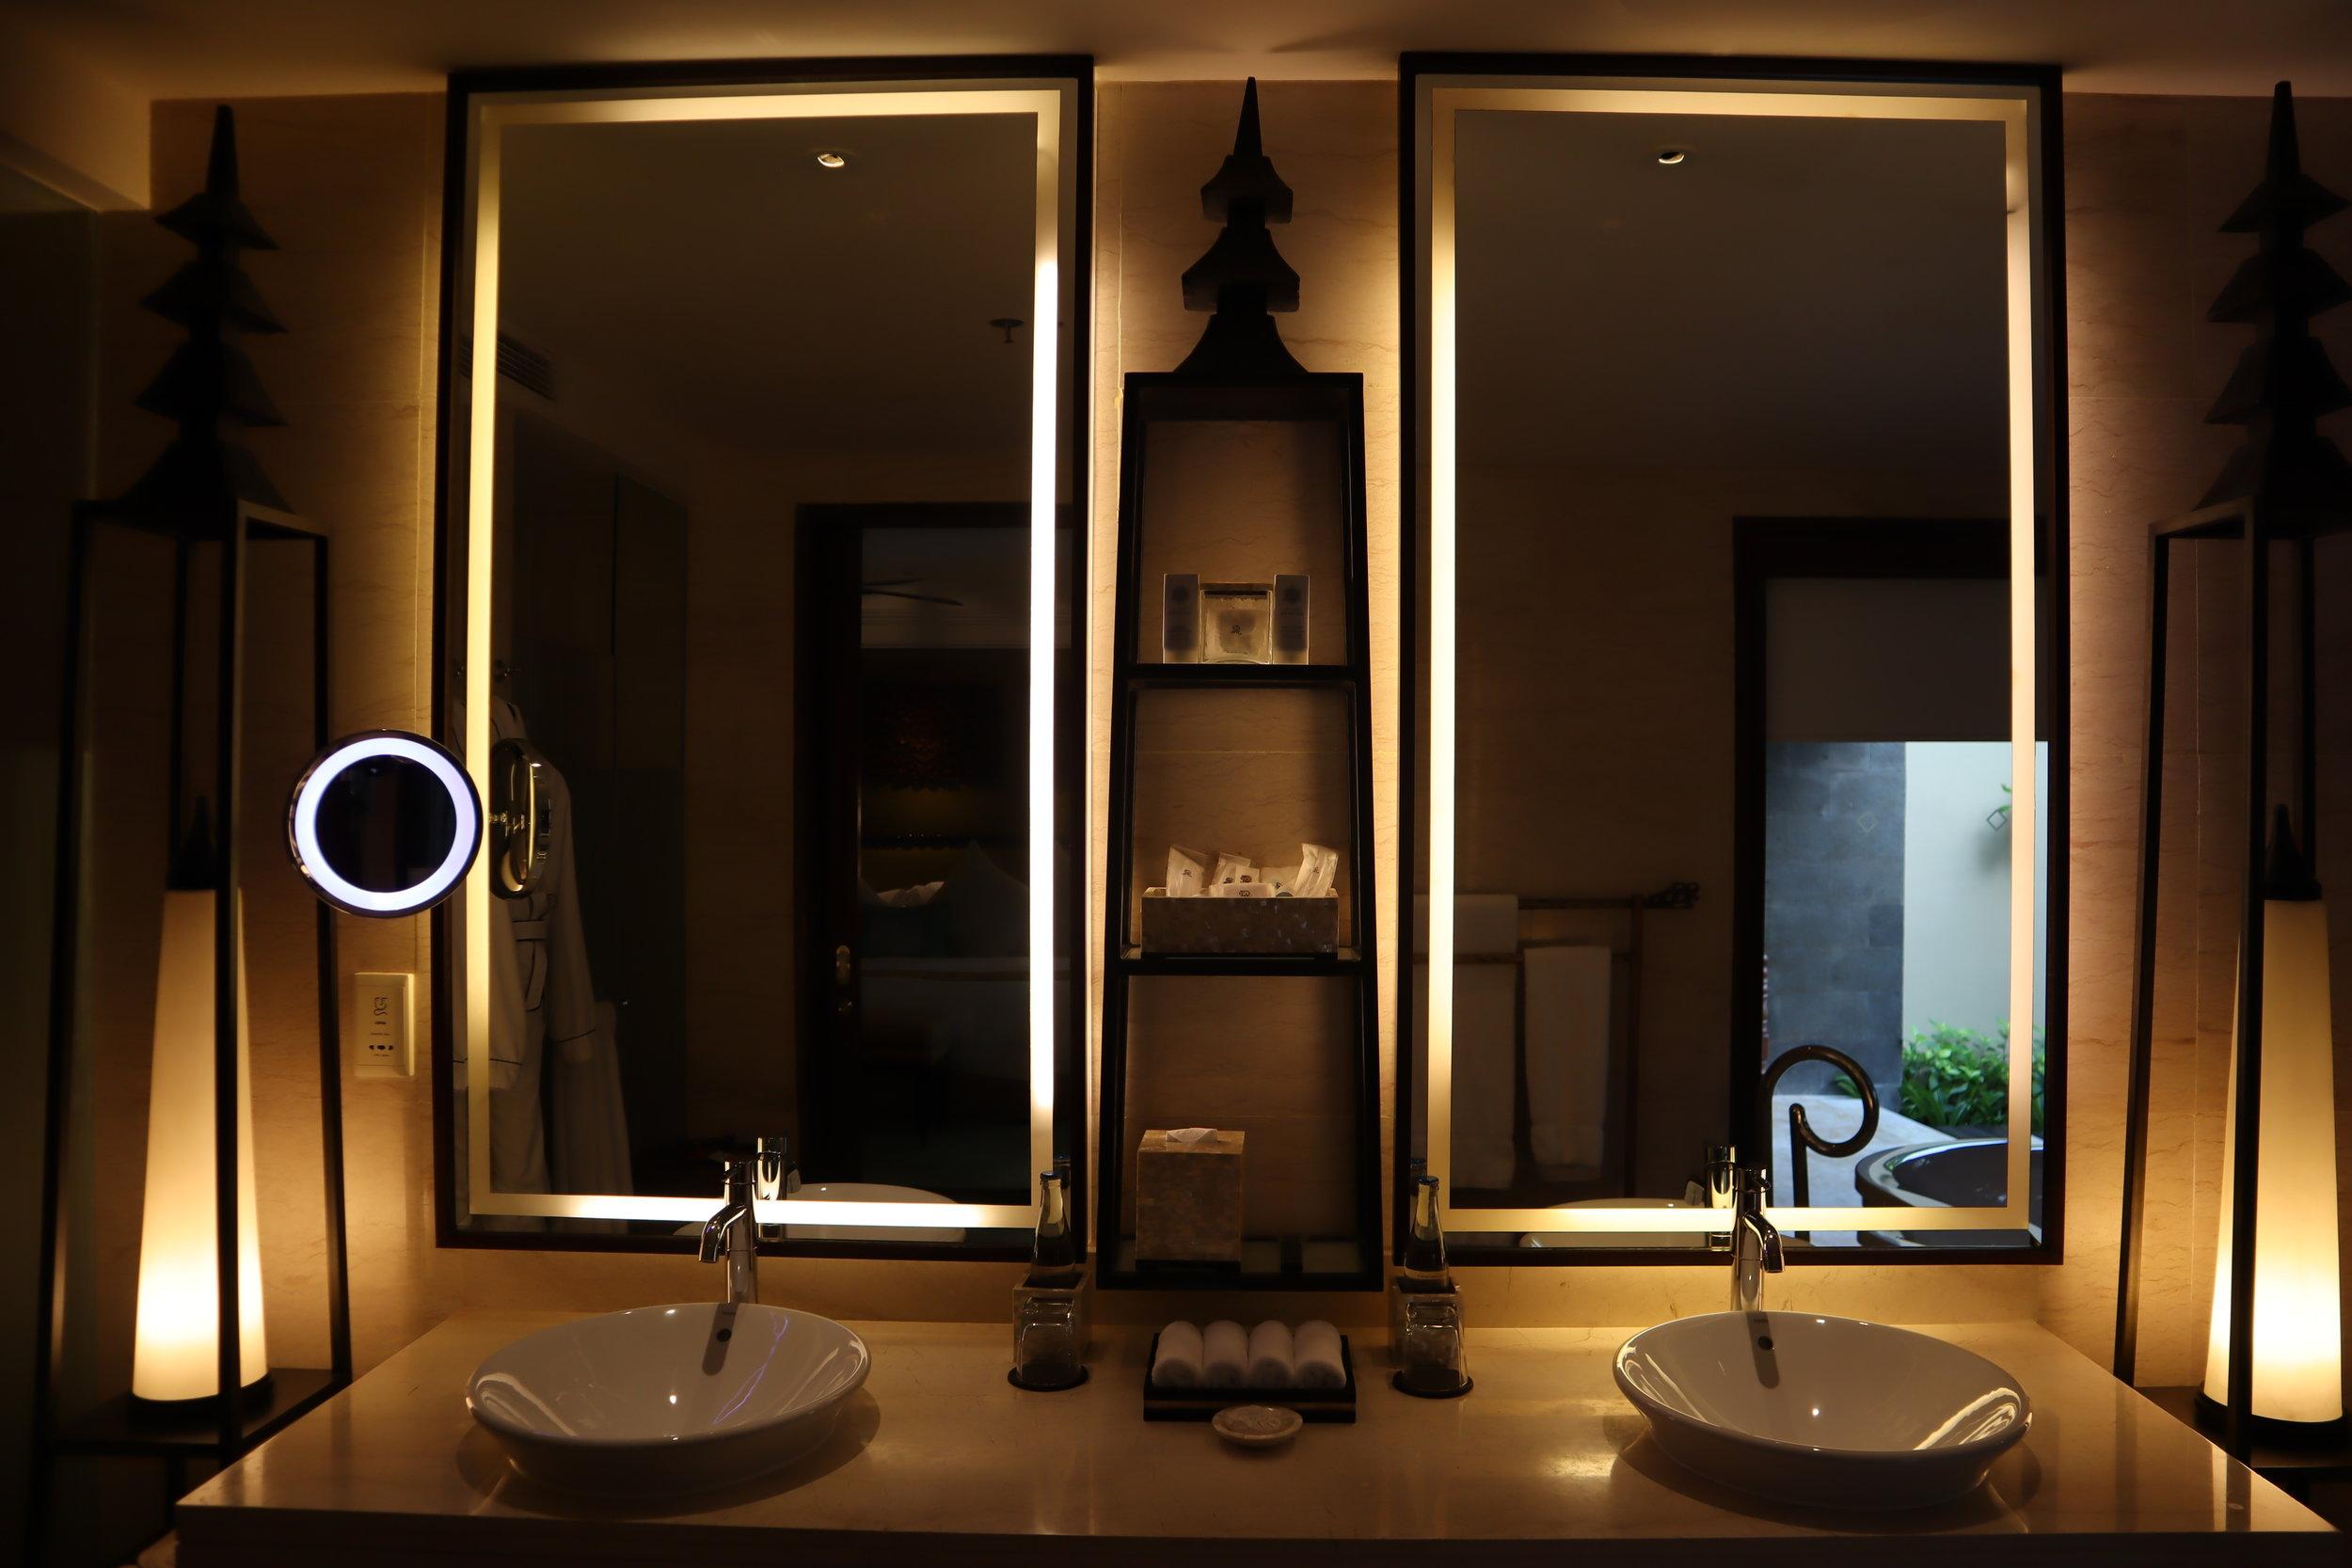 St. Regis Bali – St. Regis Pool Suite sink and mirrors